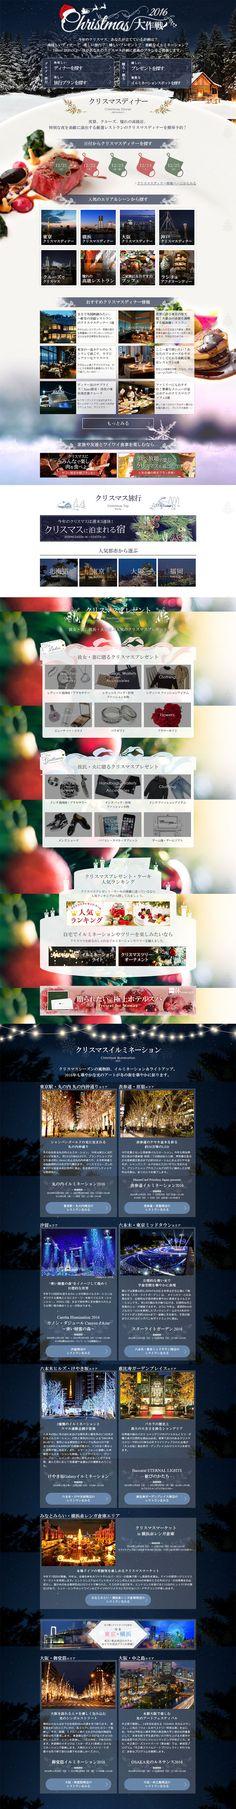 クリスマス大作戦2016【インターネットサービス関連】のLPデザイン。WEBデザイナーさん必見!ランディングページのデザイン参考に(シンプル系)